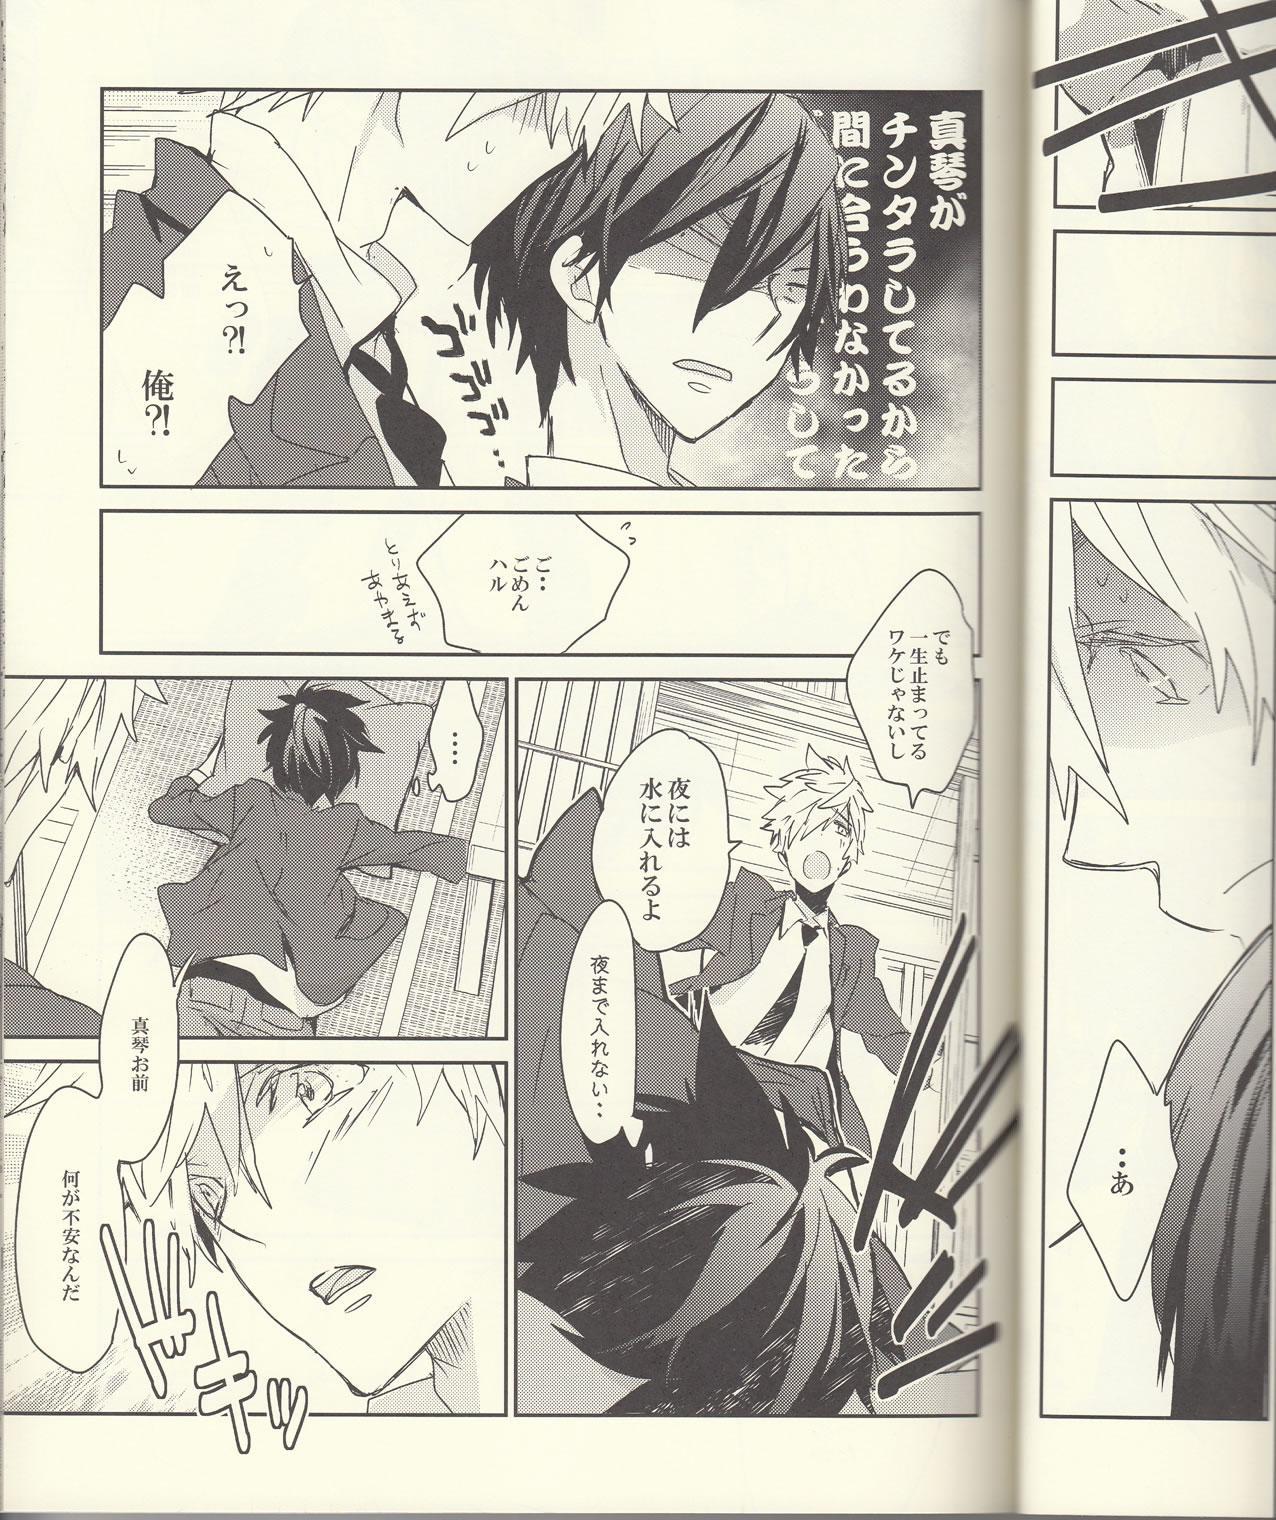 Seichouki 9